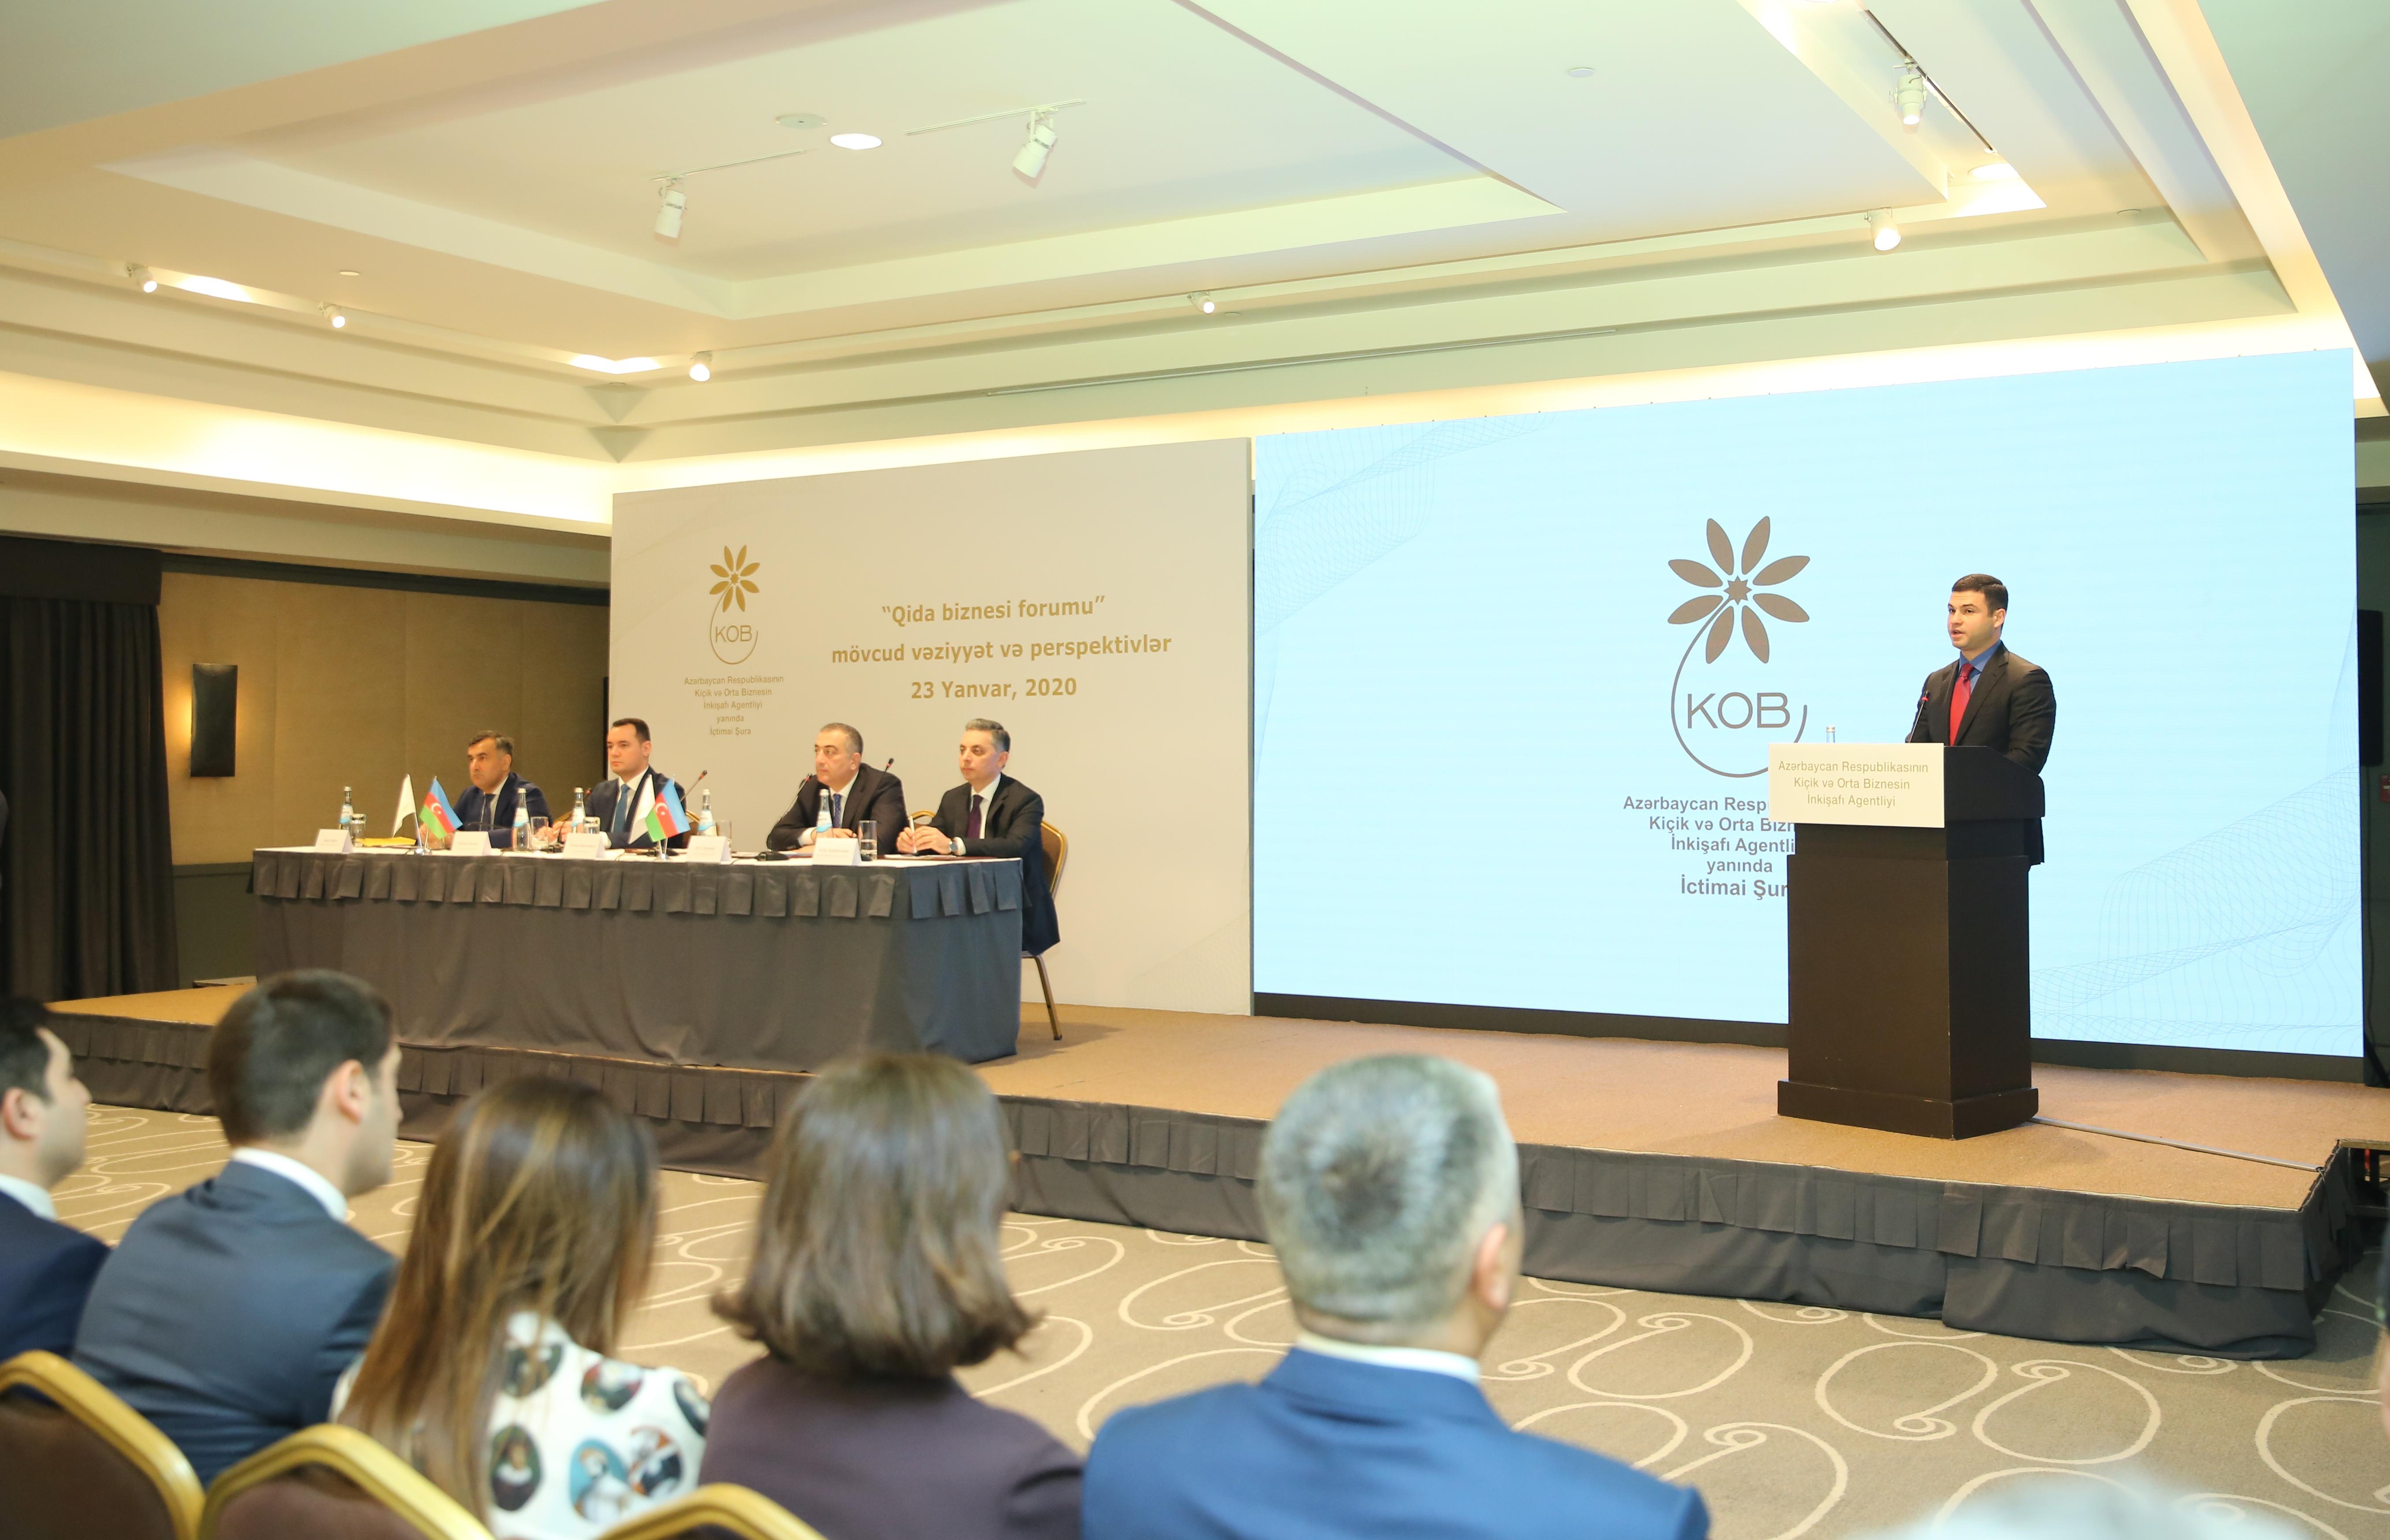 KOBİA yanında İctimai Şuranın forumunda qida biznesi sahəsində müzakirələr aparılıb